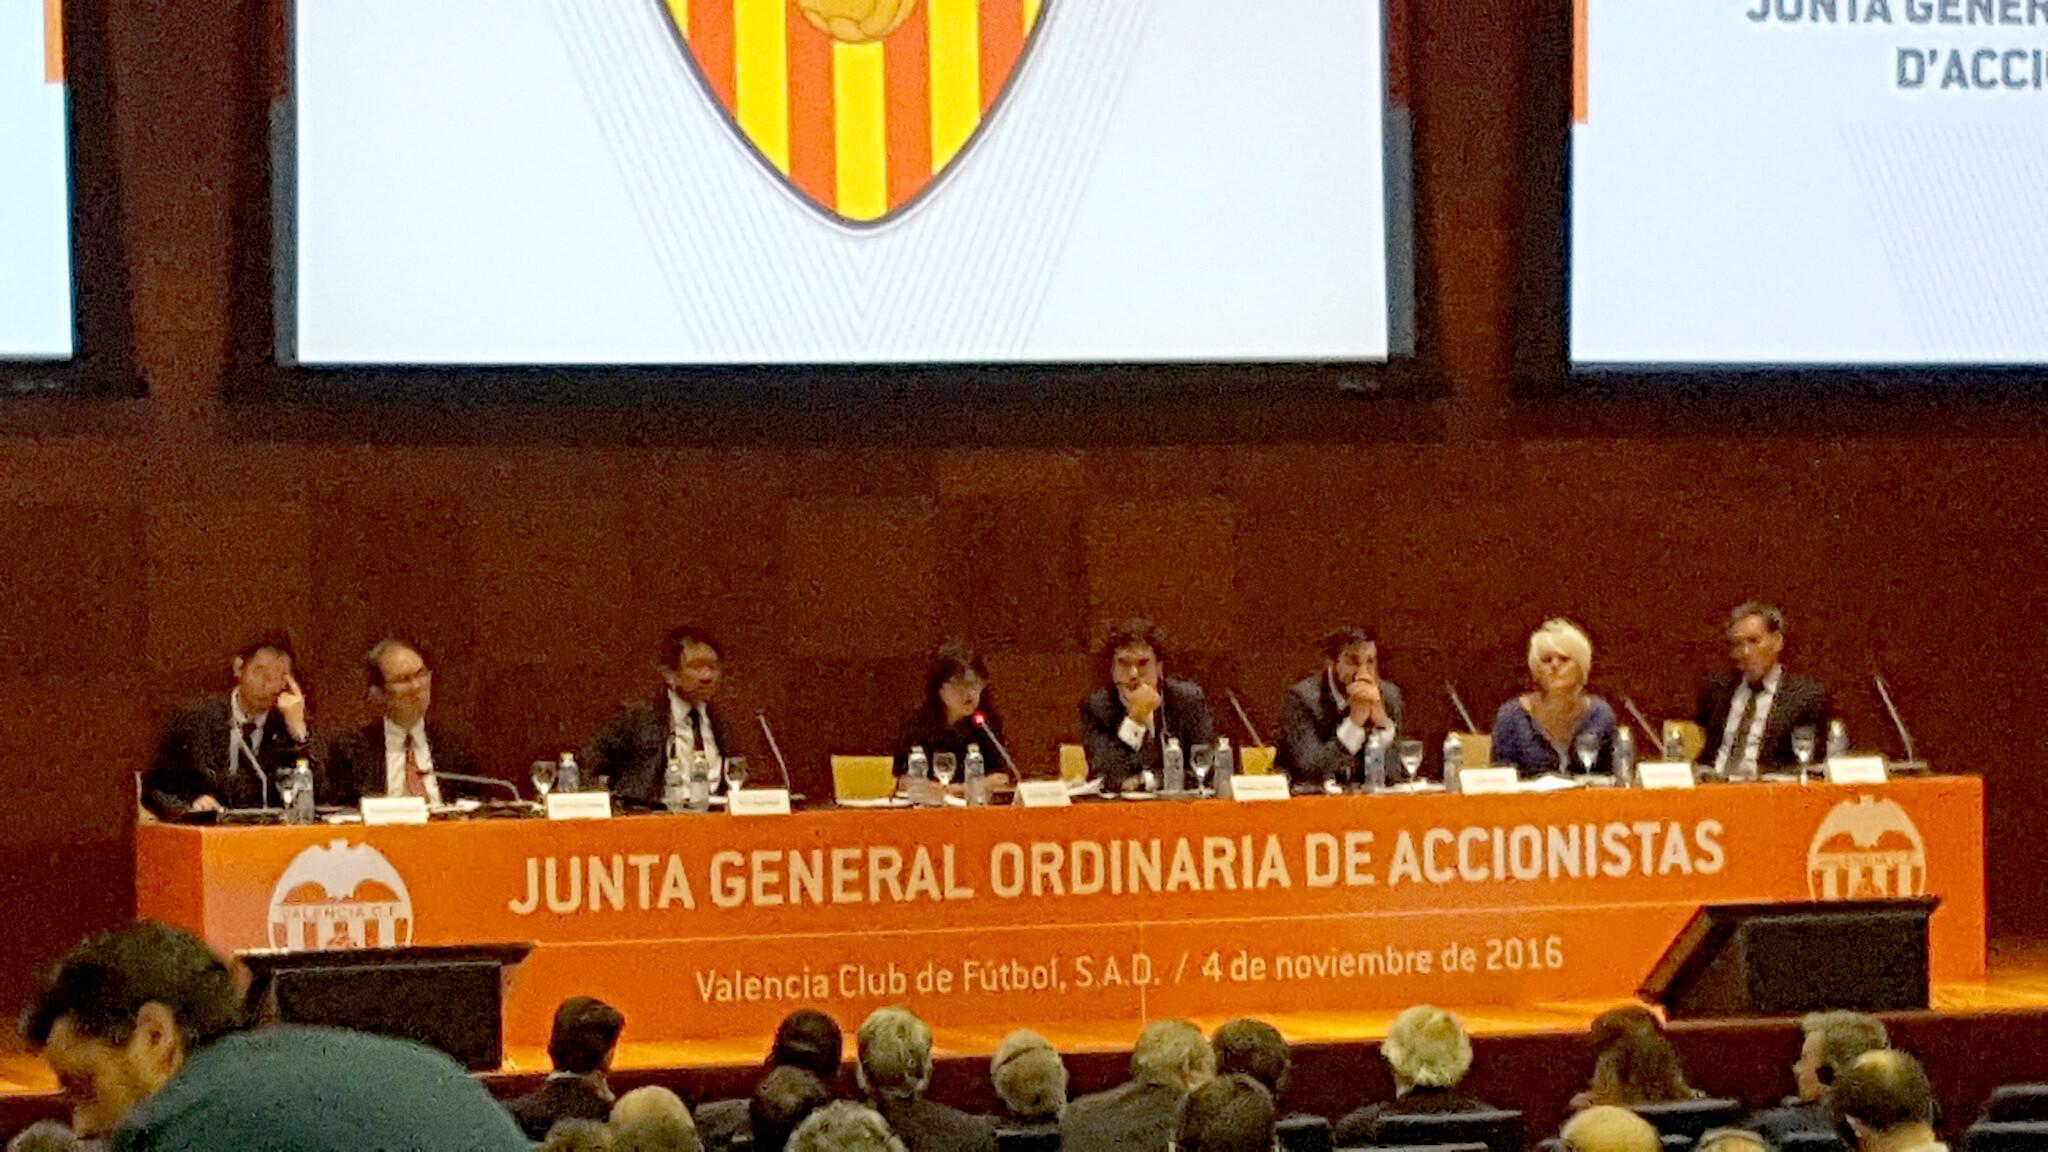 Junta Accionistas Valencia CF